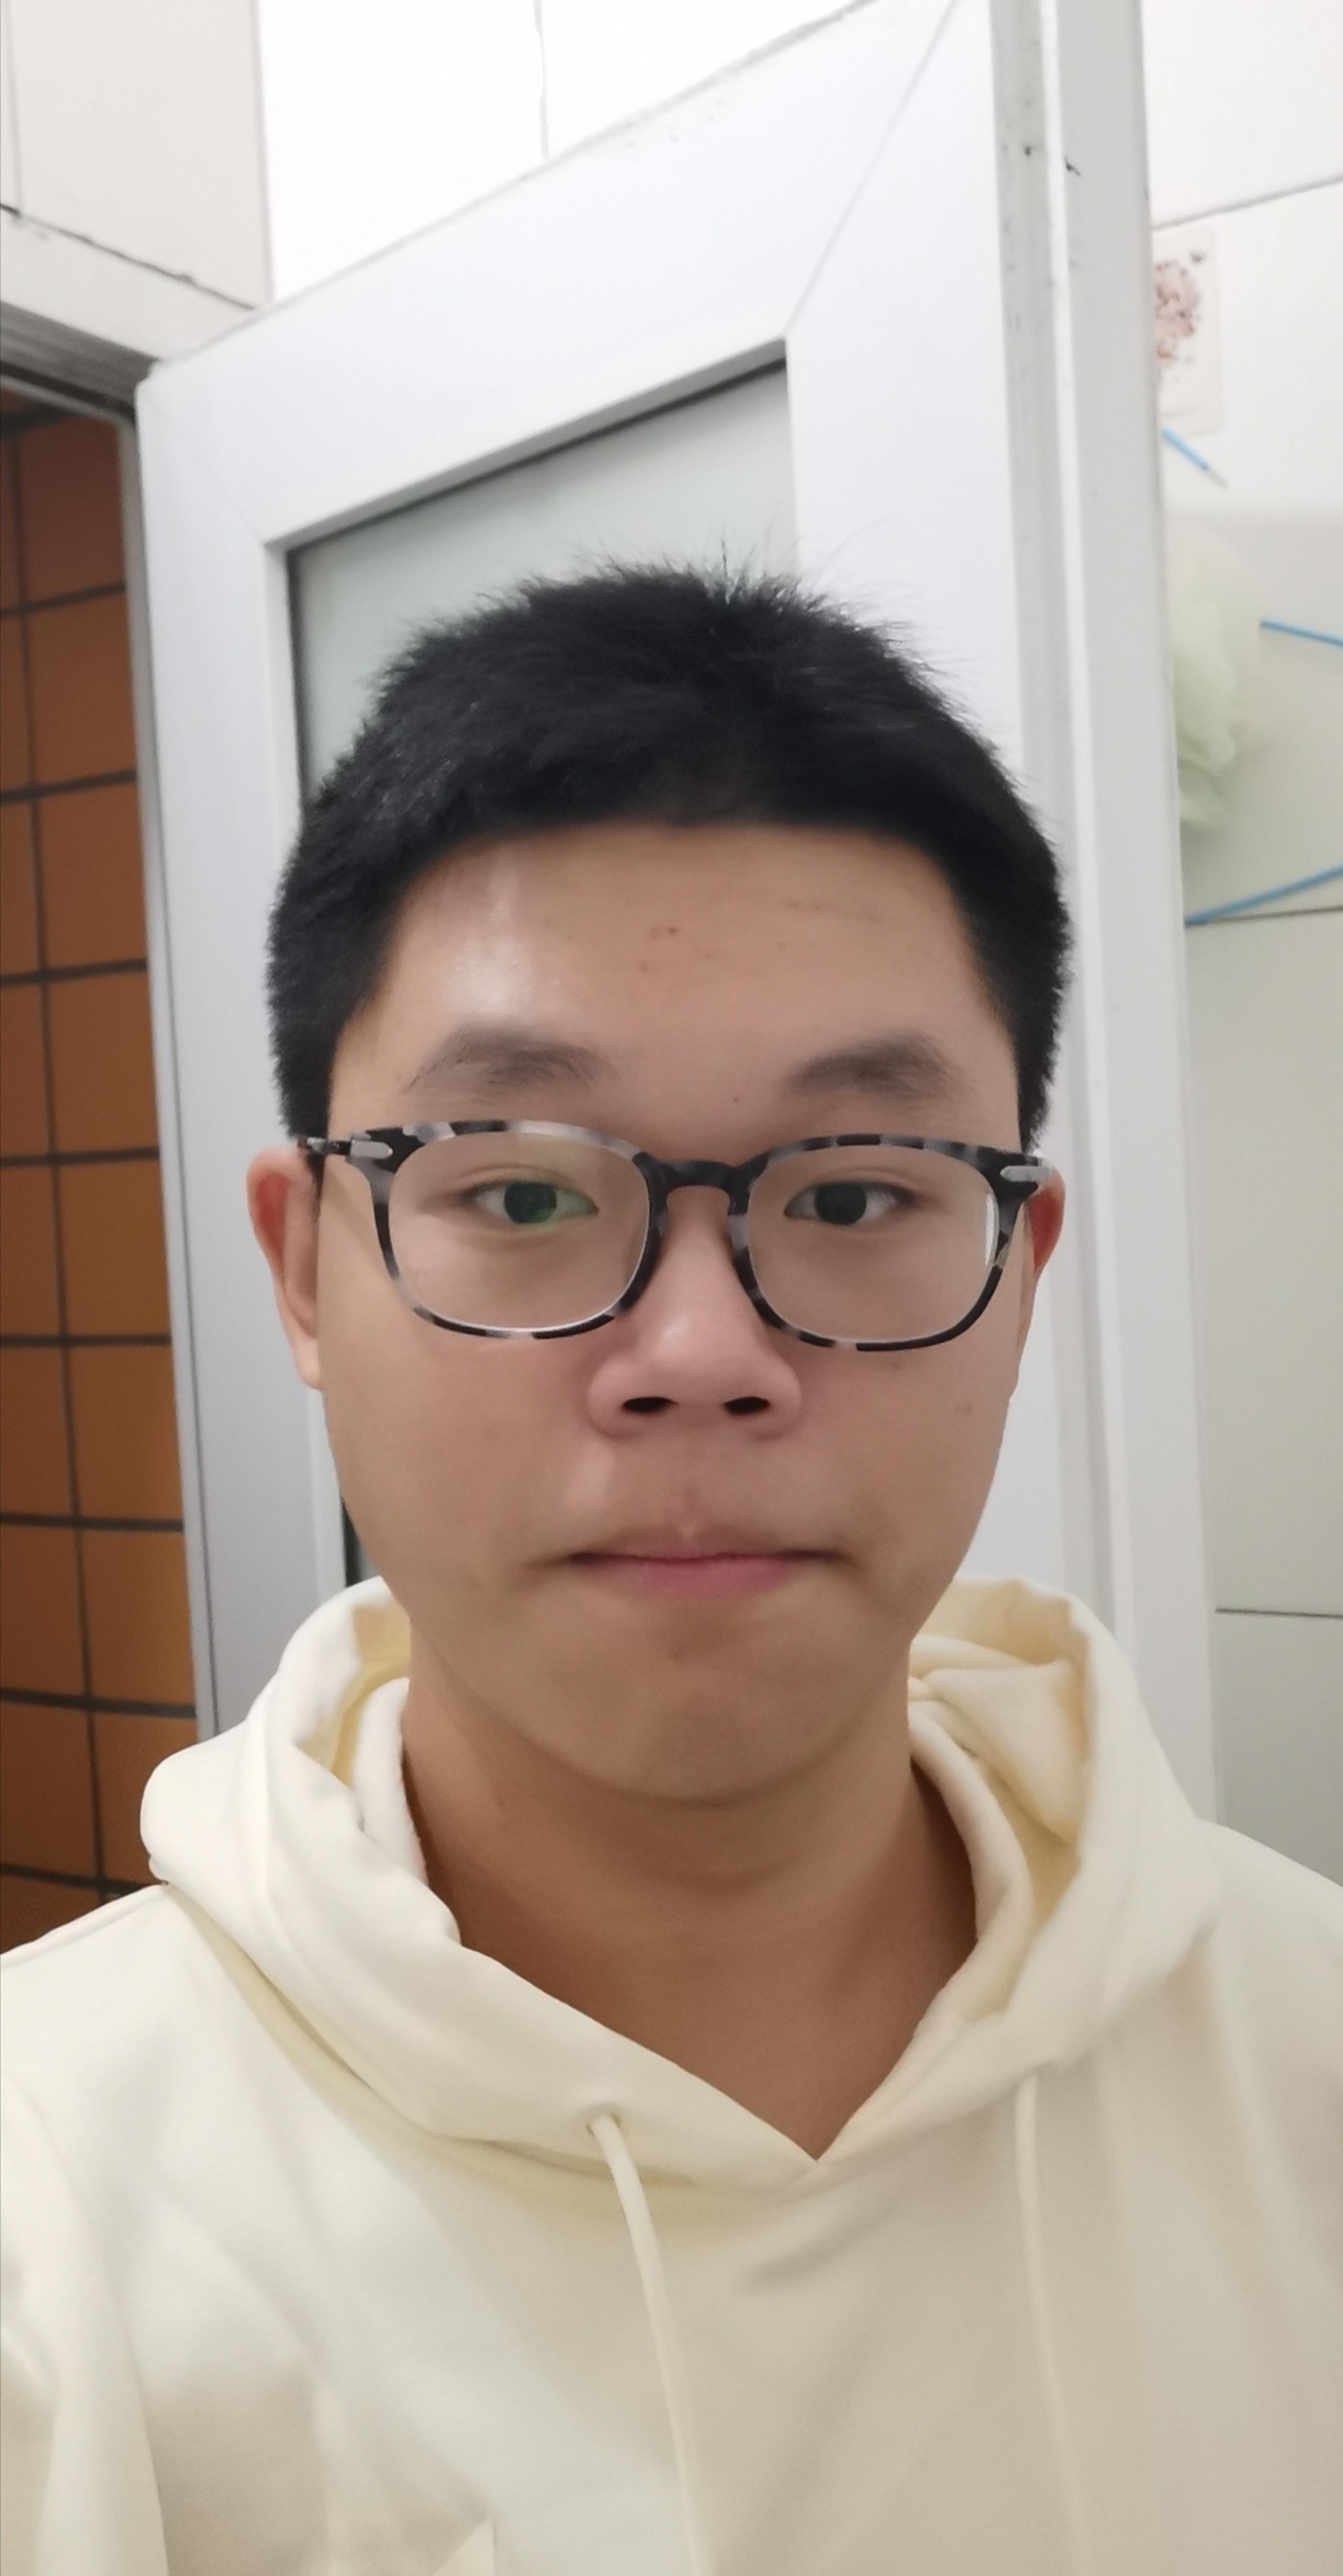 重庆家教赵教员